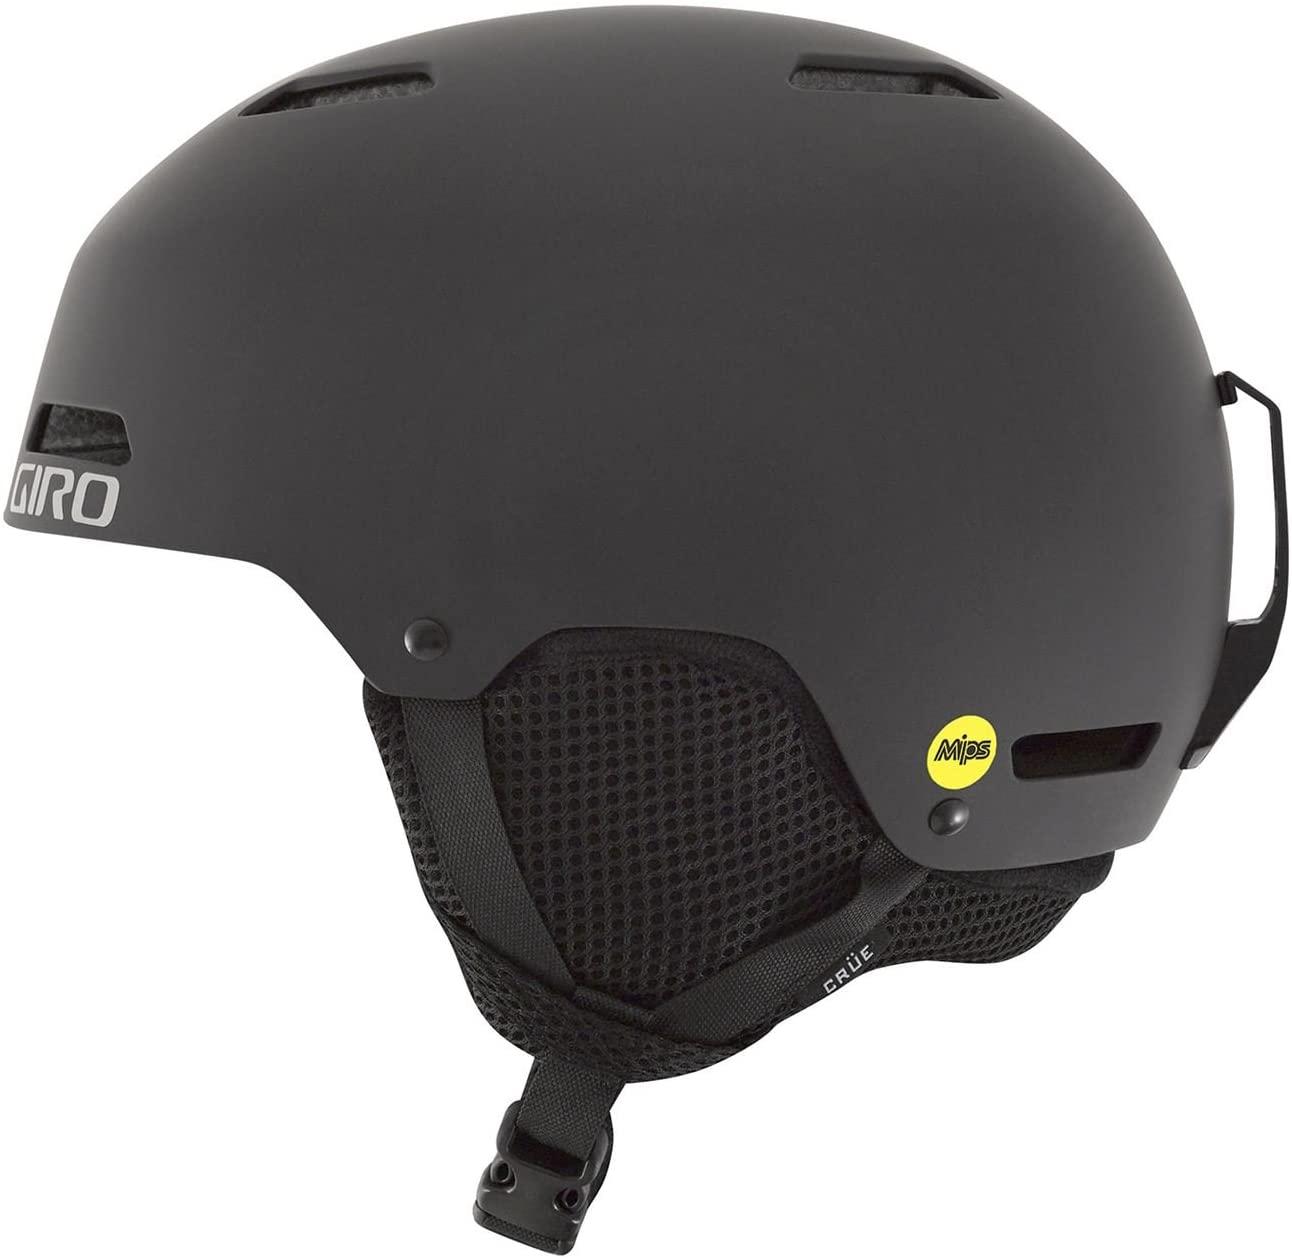 Sélection de casques de ski Smith en promotion - Ex: Casque Snow Helmet (Taille 59-63)